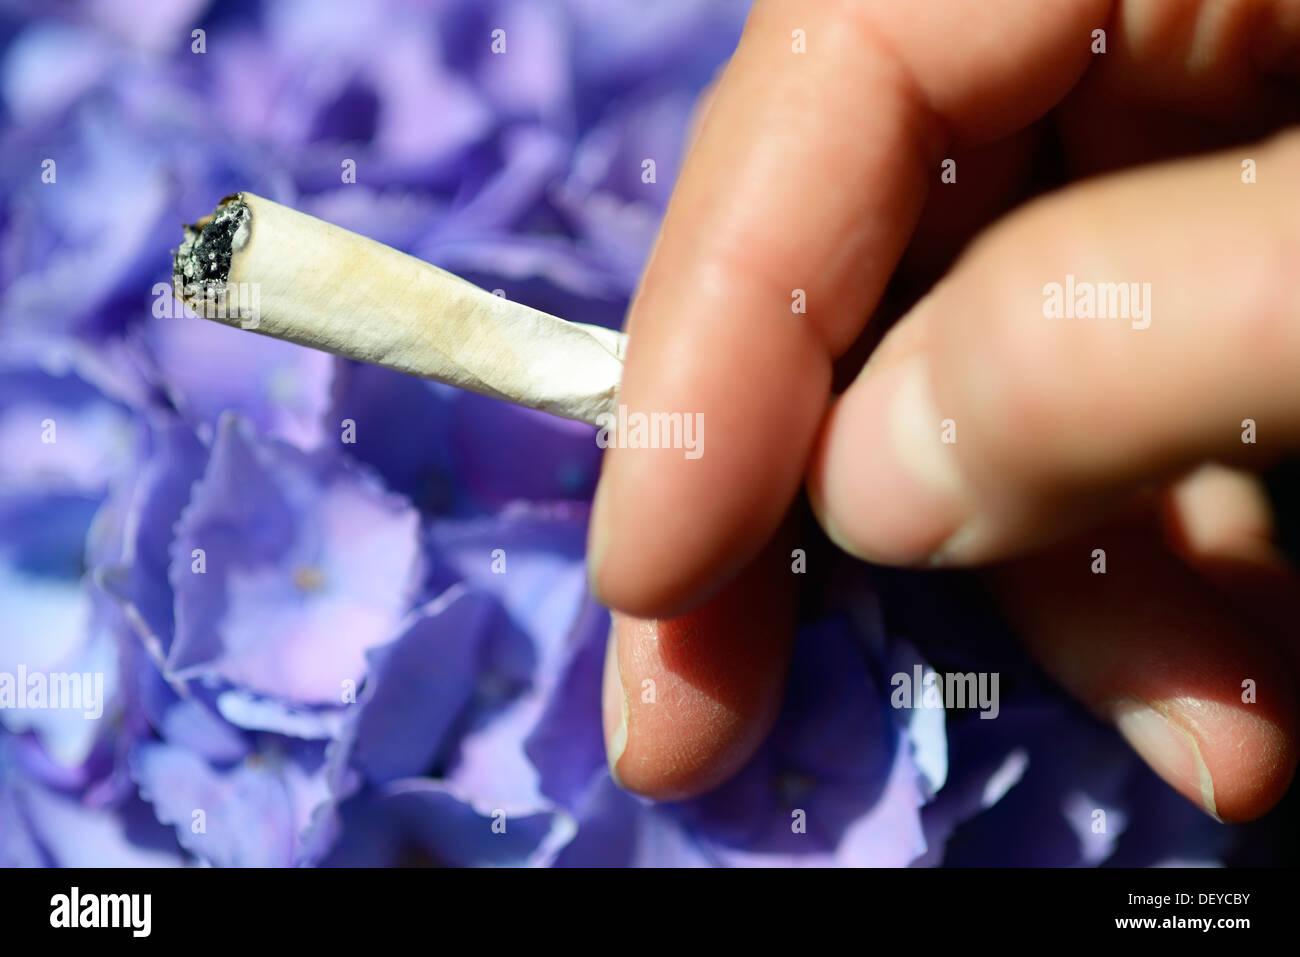 Joint before a hydrangea, smoke from hydrangea sheets, Joint vor einer Hortensie, rauchen von Hortensienblättern - Stock Image